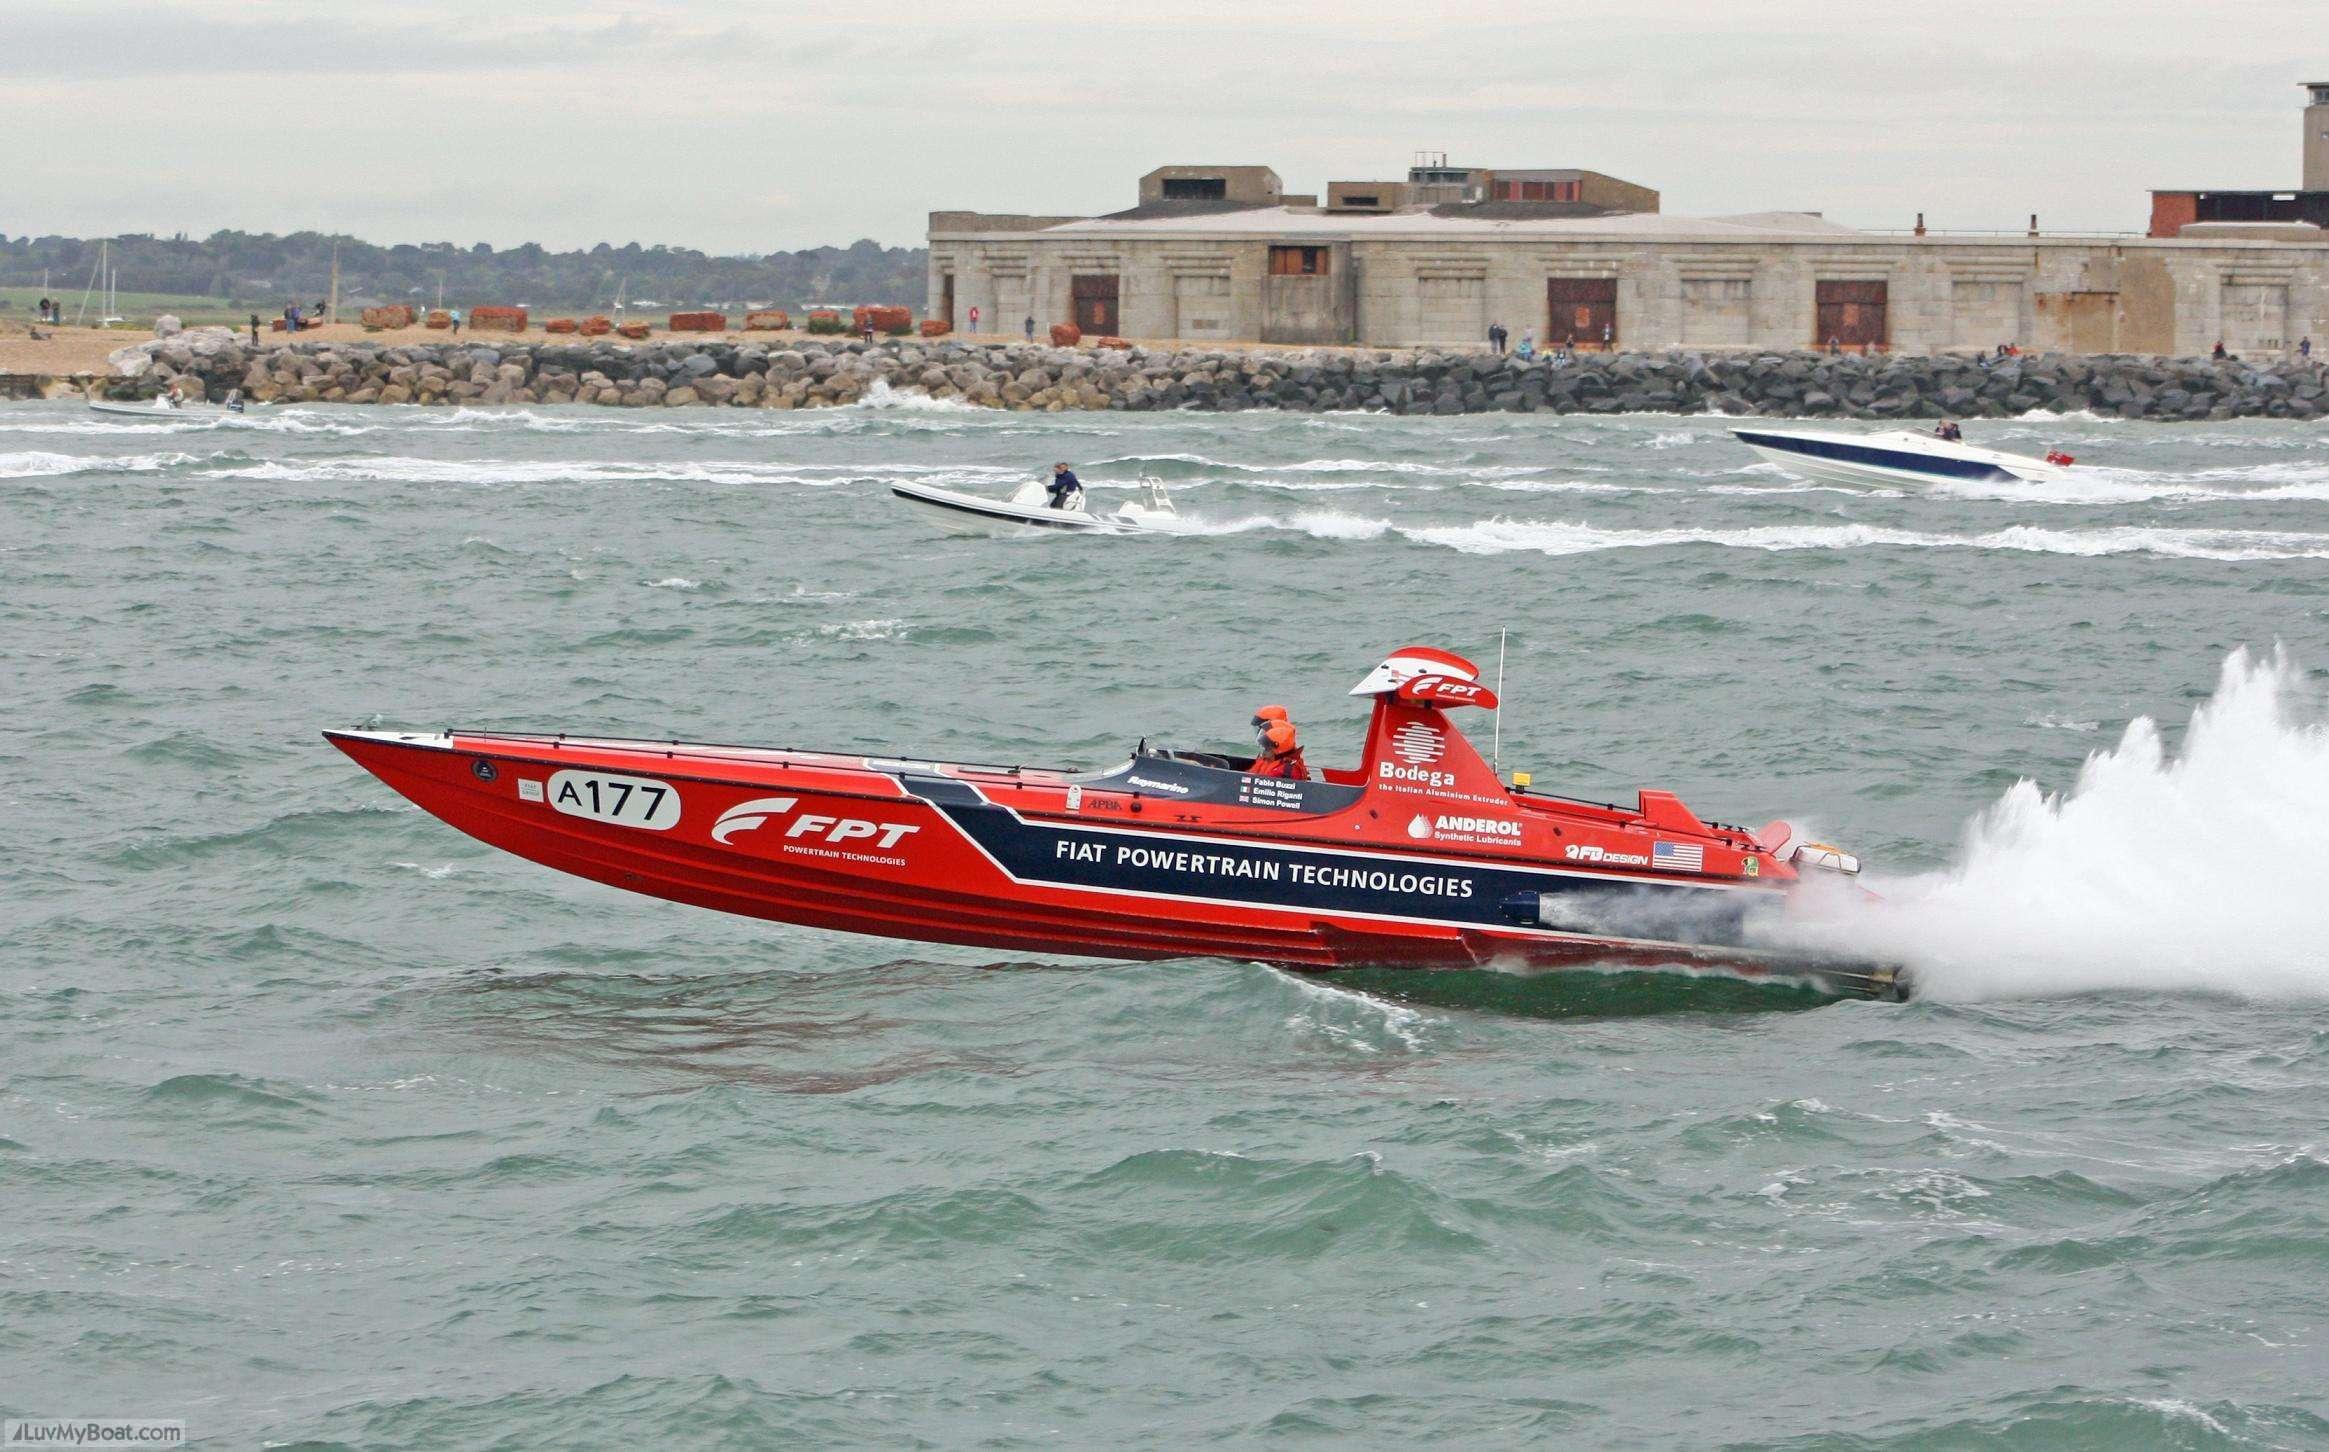 Esempio di imbarcazione monocarena che sfrutta gli effetti di portanza aerodinamica di un profilo alare.